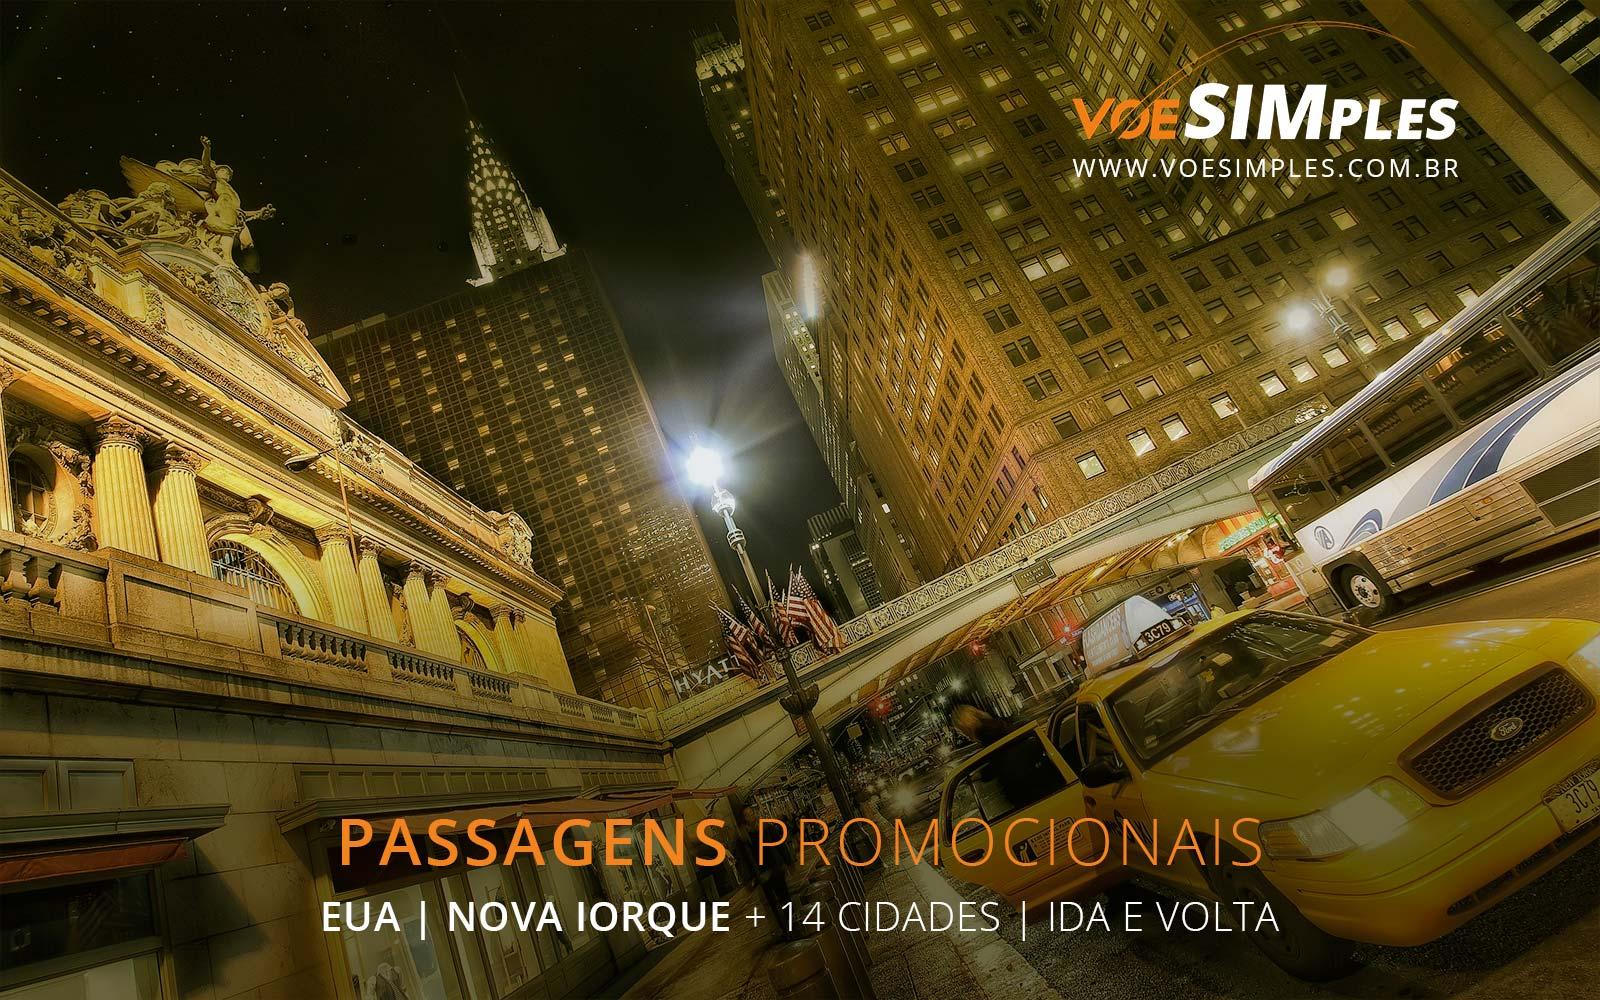 Passagens aéreas promocionais para Nova York, Orlando, Washington e Chicago nos Estados Unidos